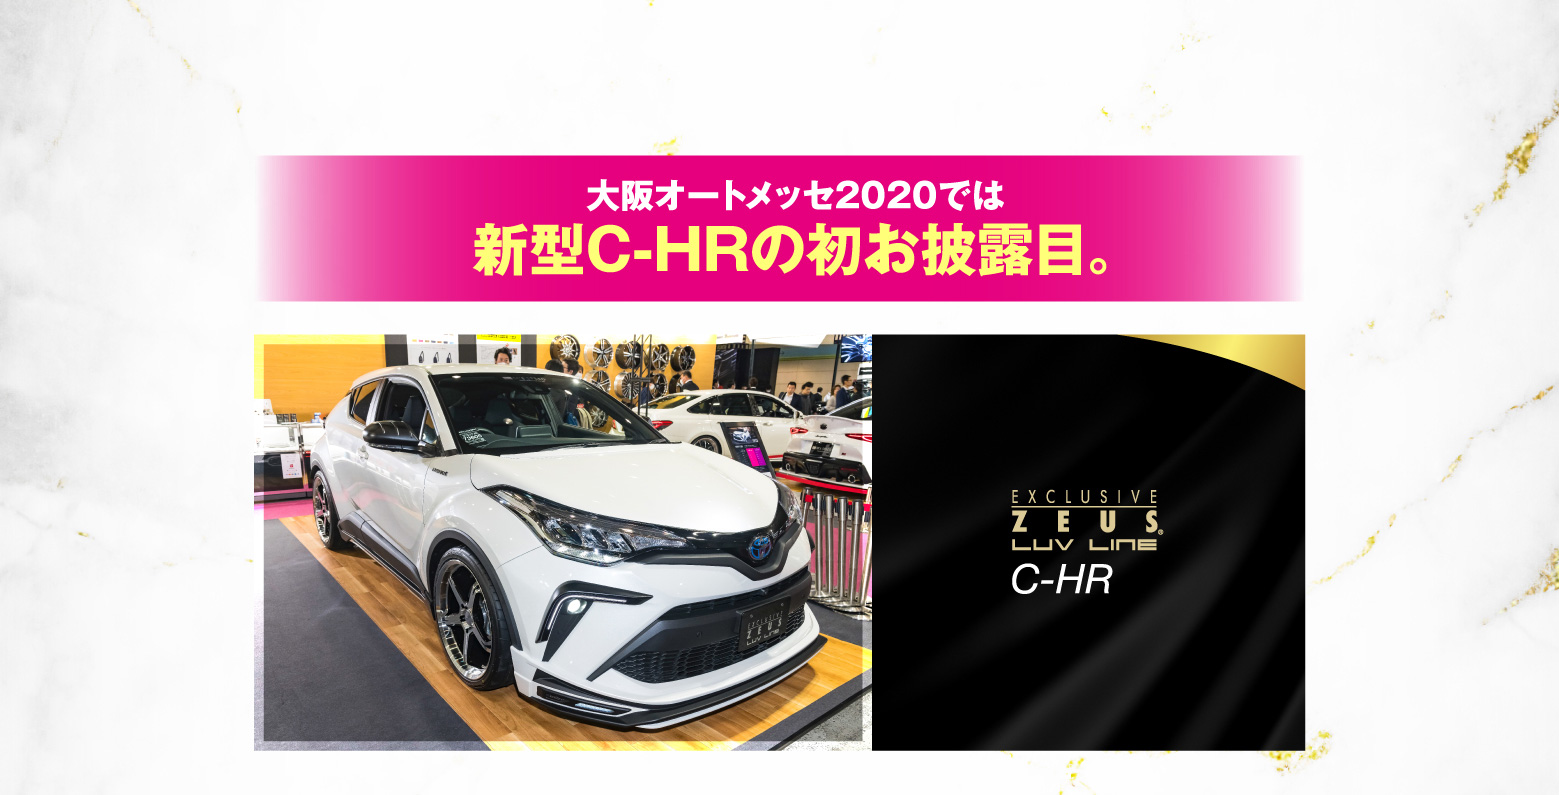 大阪オートメッセ2020では新型C-HRの初お披露目 EXCLUSIVE ZEUS.LUV LINE C-HR